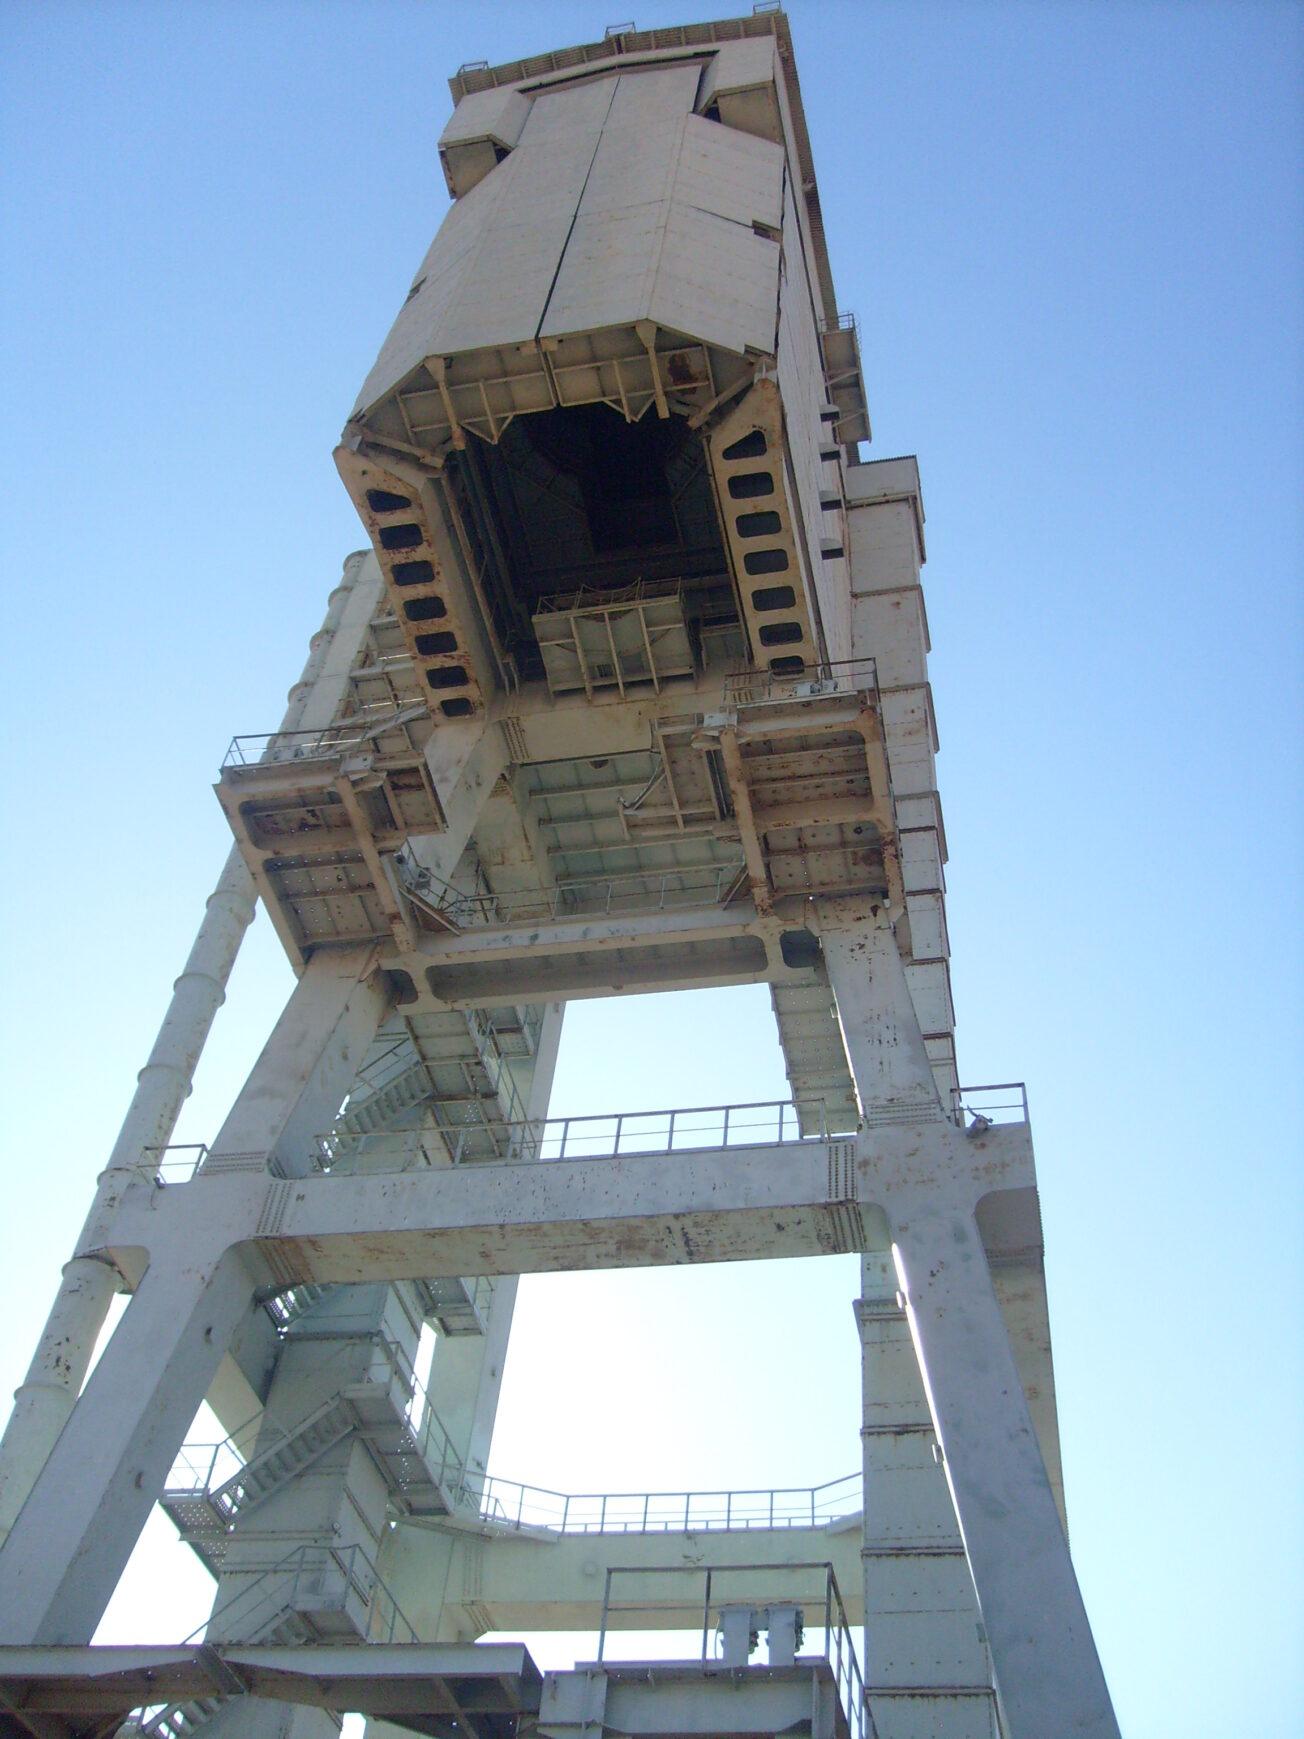 космодром башня обслуживания